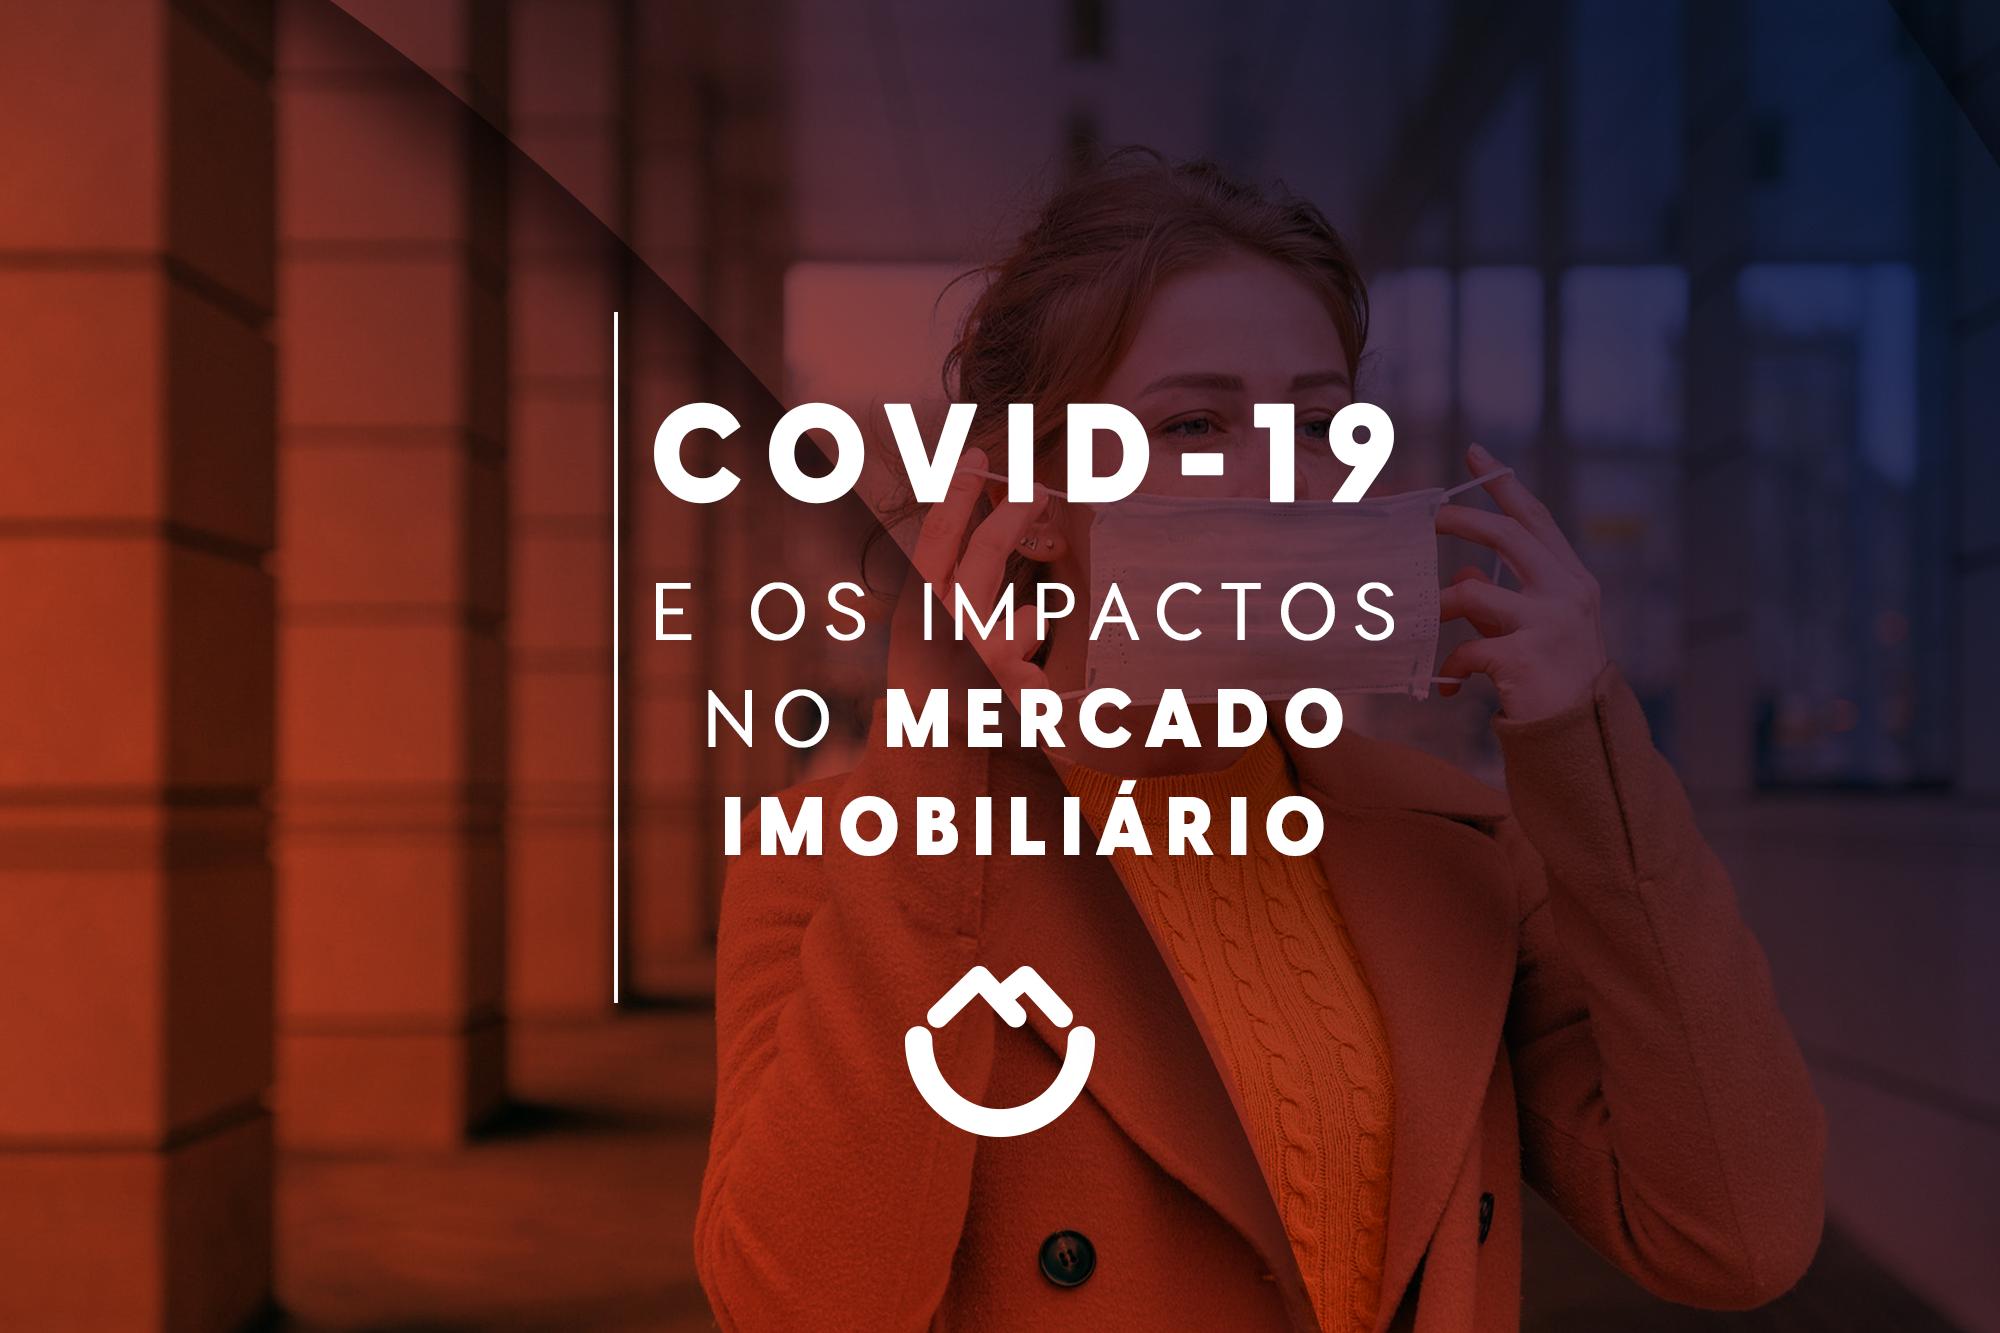 Covid-19 e os impactos no mercado imobiliário